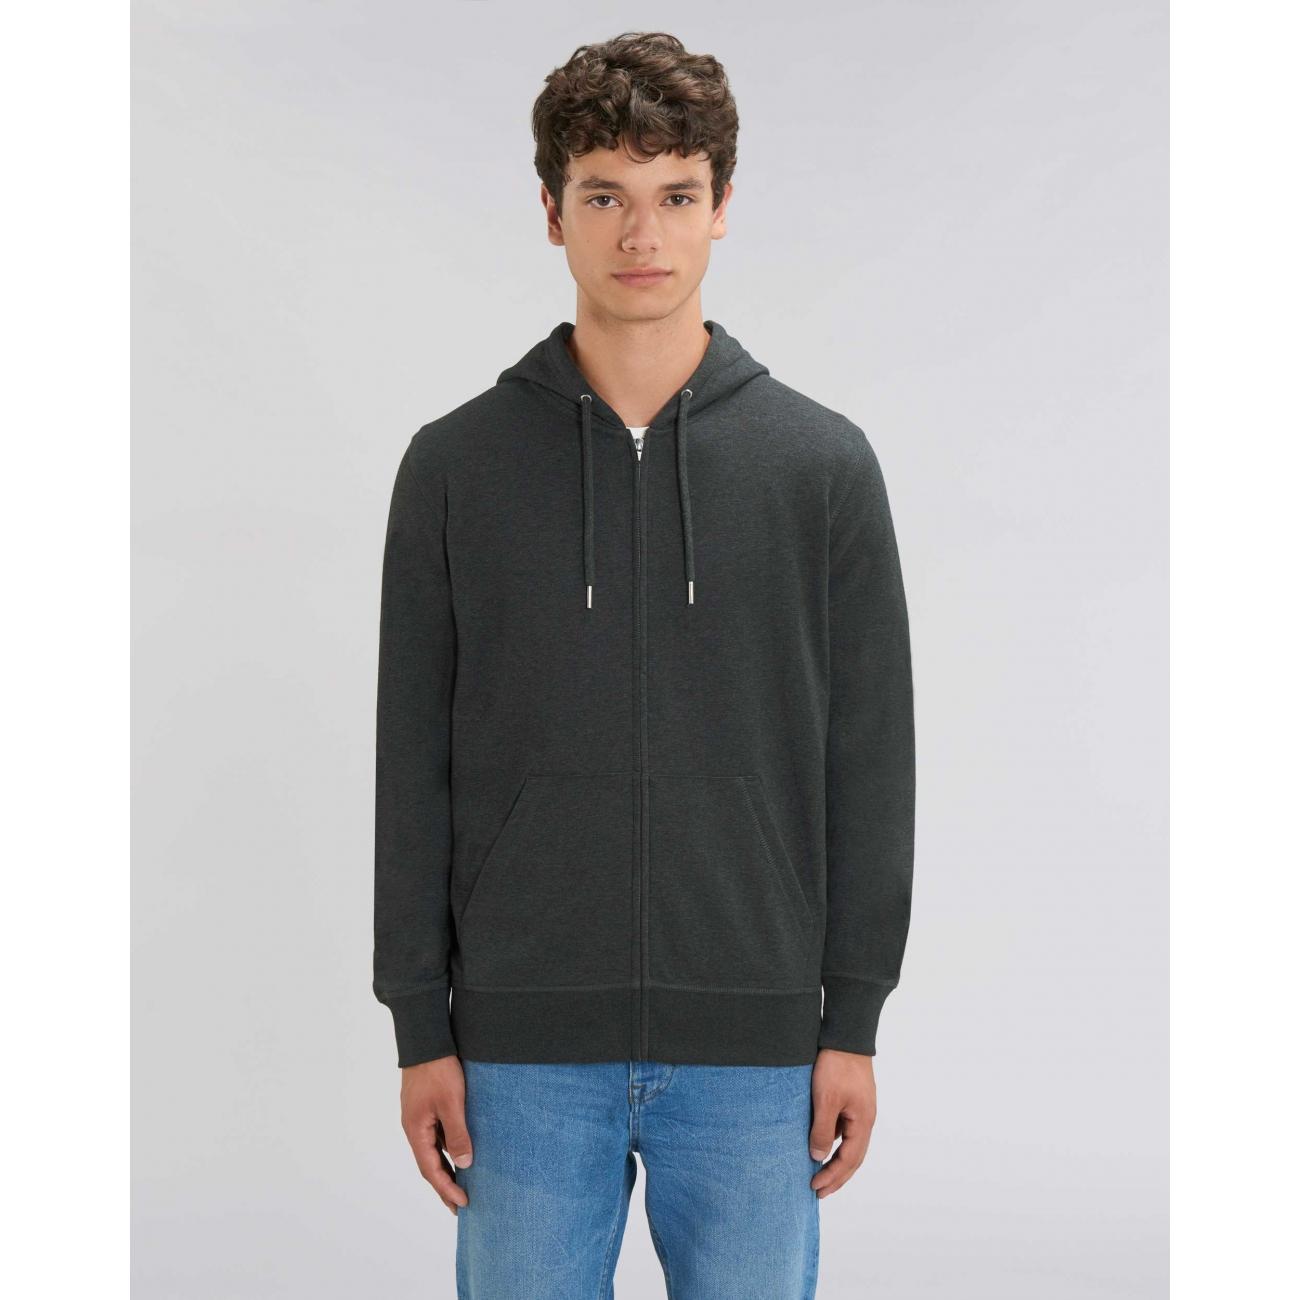 https://tee-shirt-bio.com/8251-thickbox_default/veste-capuche-coton-bio-de-couleur-noire-legere-connector.jpg